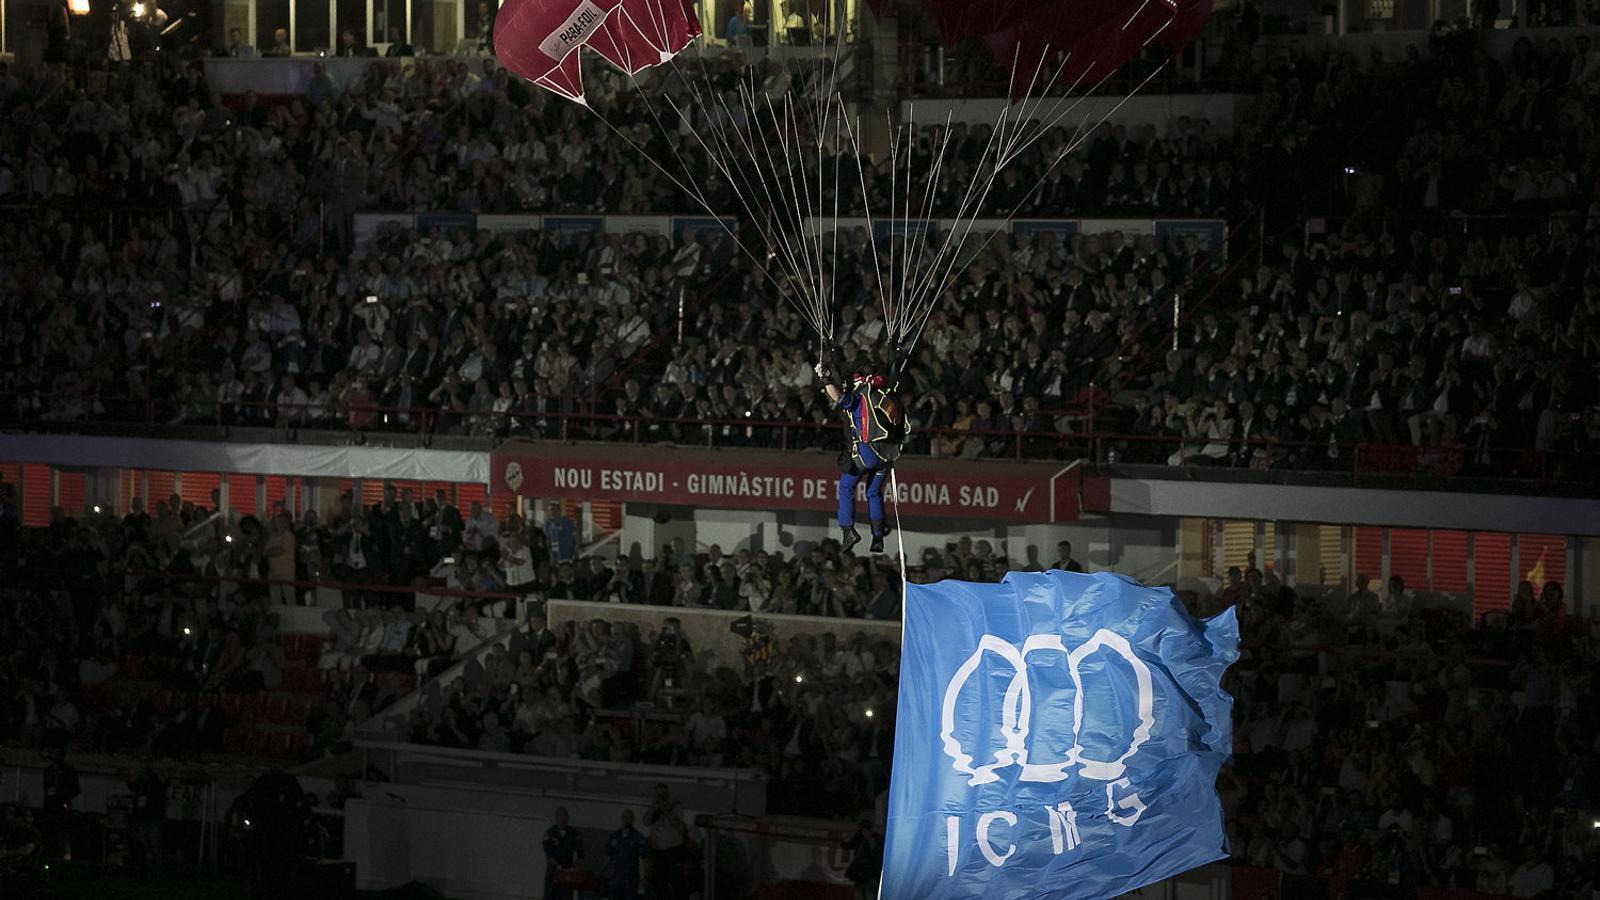 La bandera dels Jocs Mediterranis aterrant amb paracaigudista al Nou Estadi de Tarragona.